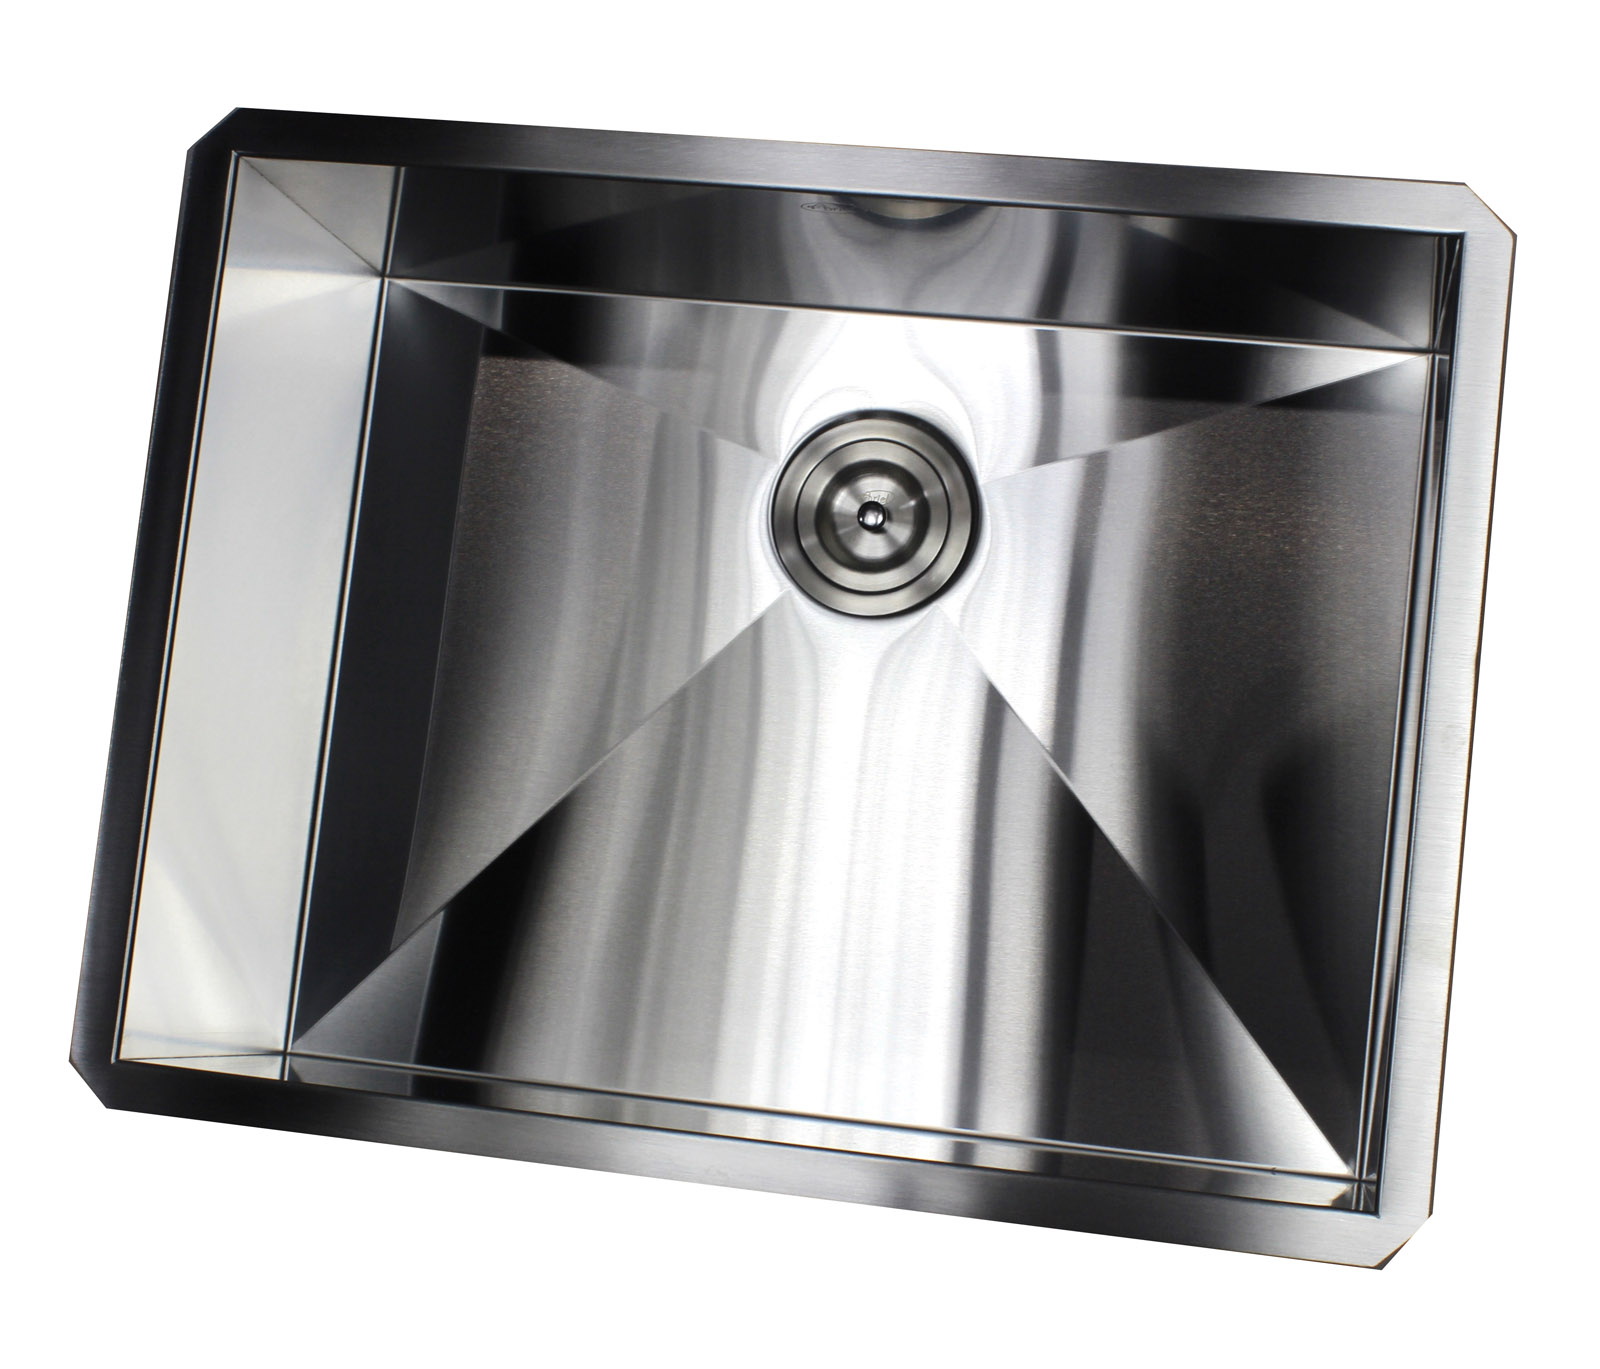 ARIEL F2620 26 Inch Zero Radius Design 16 Gauge Undermount Single Bowl Stainless Steel Kitchen Sink